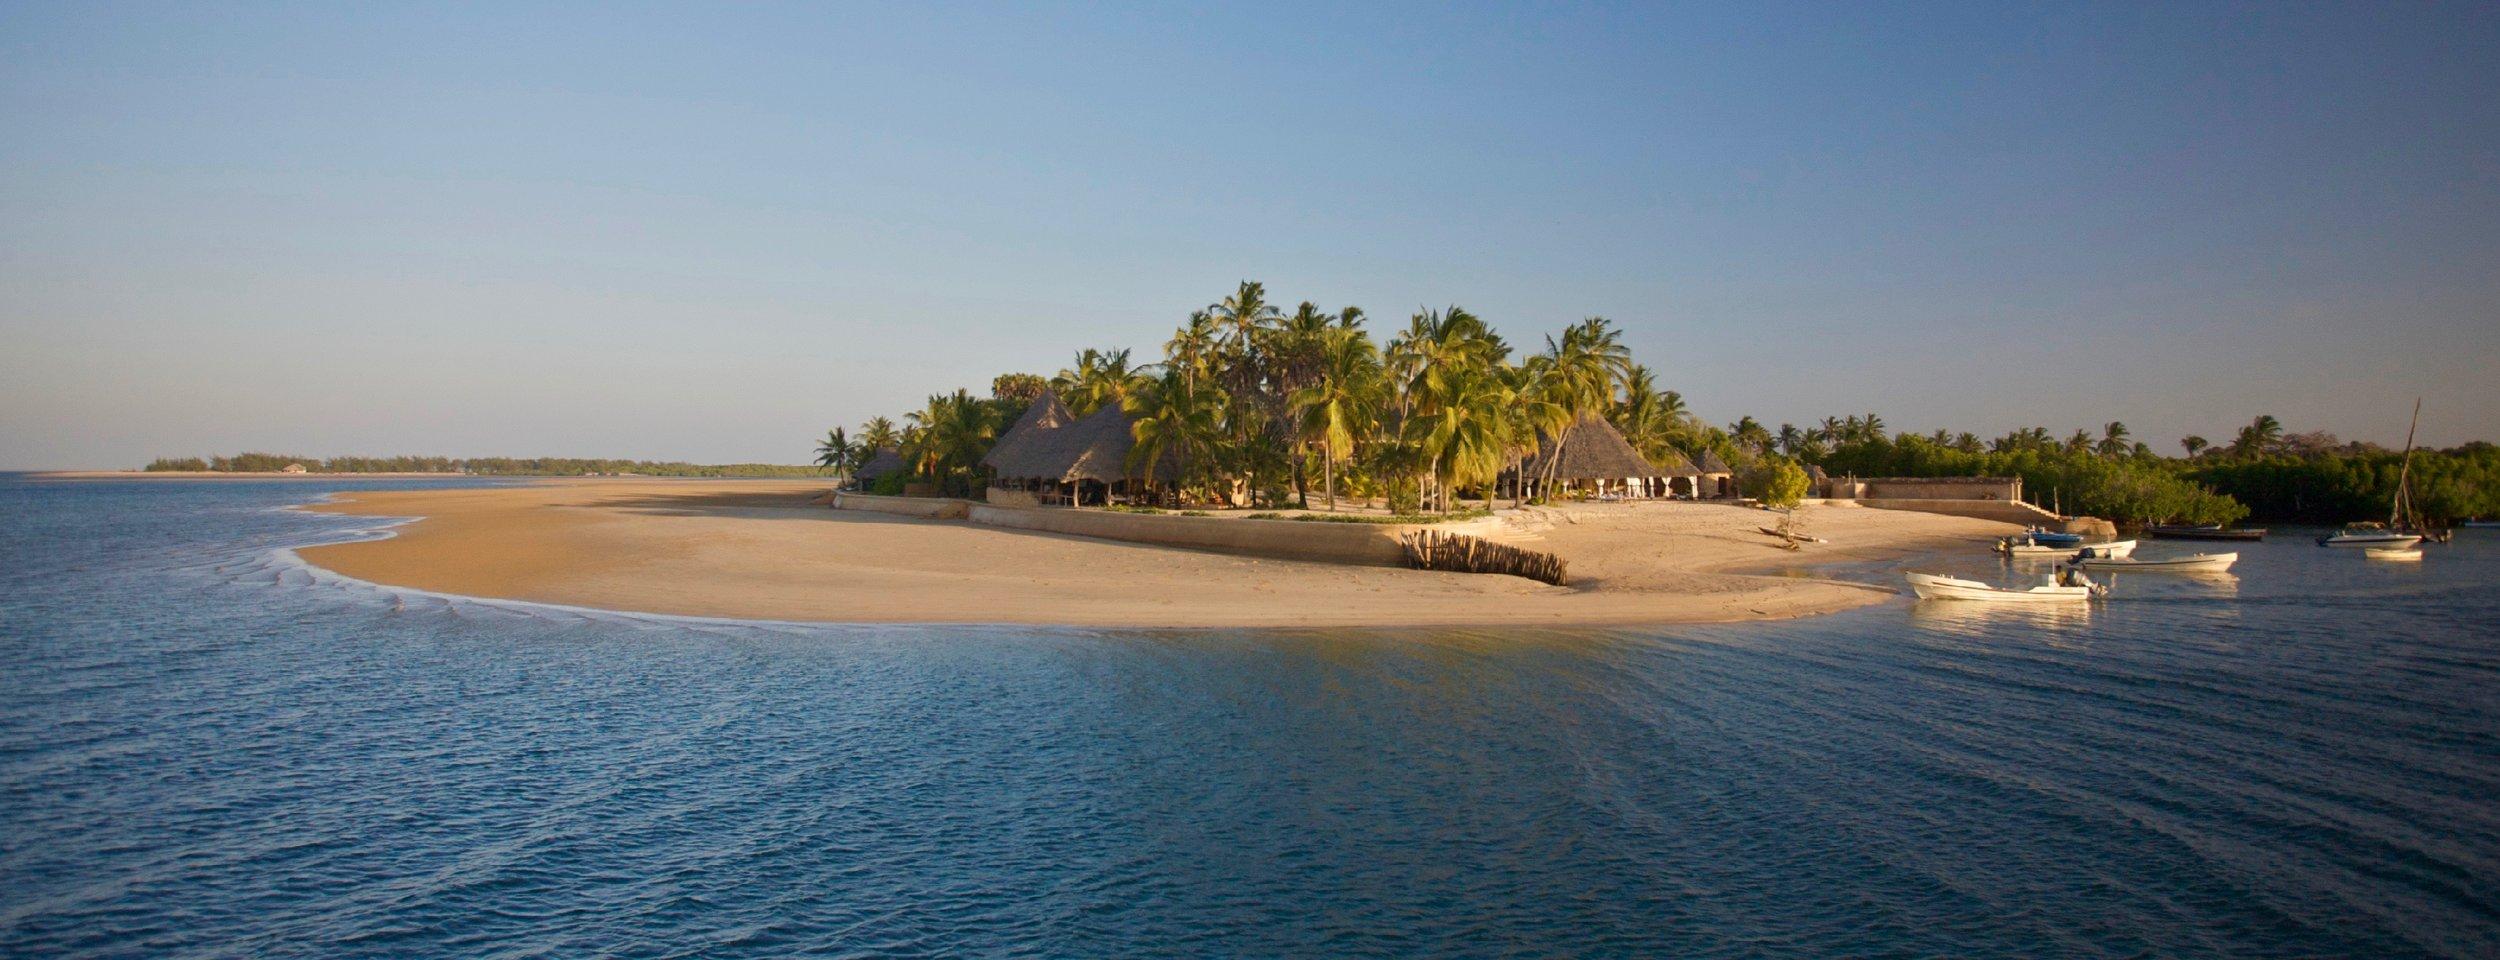 manda-bay-lamu-archipelago